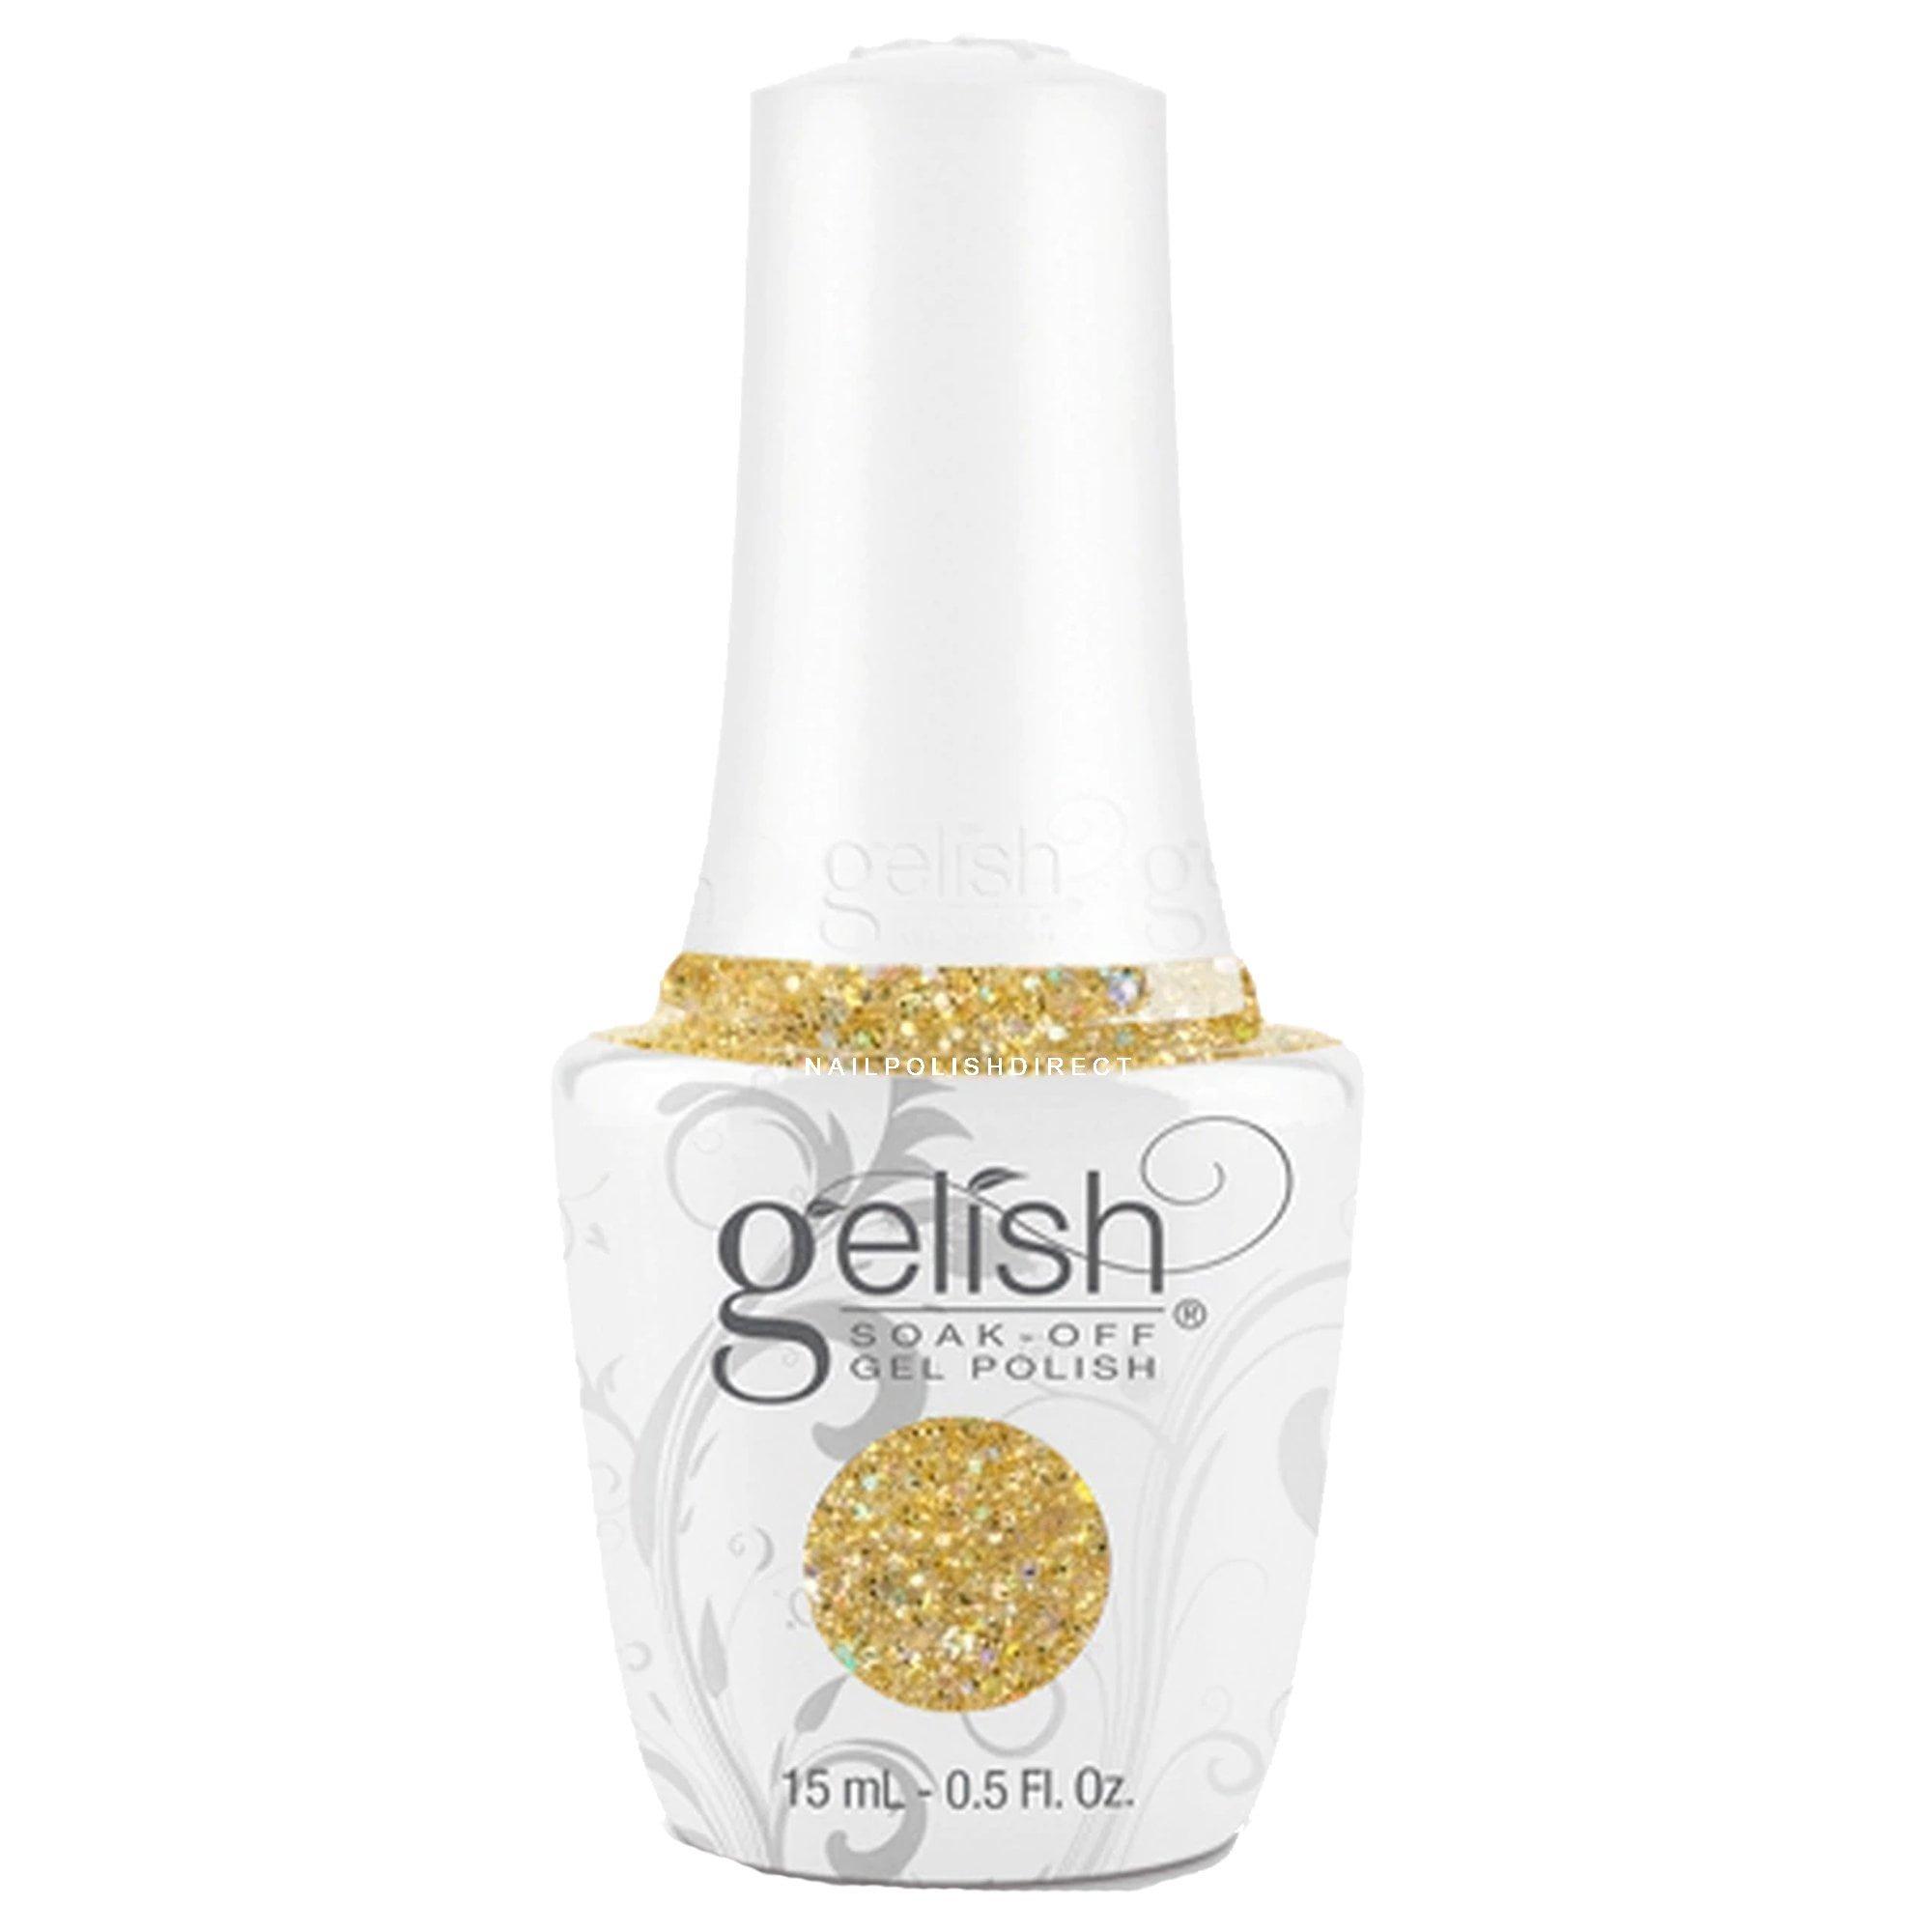 Gelish Soak-Off Gel Nail Polish - Grand Jewels 15ml